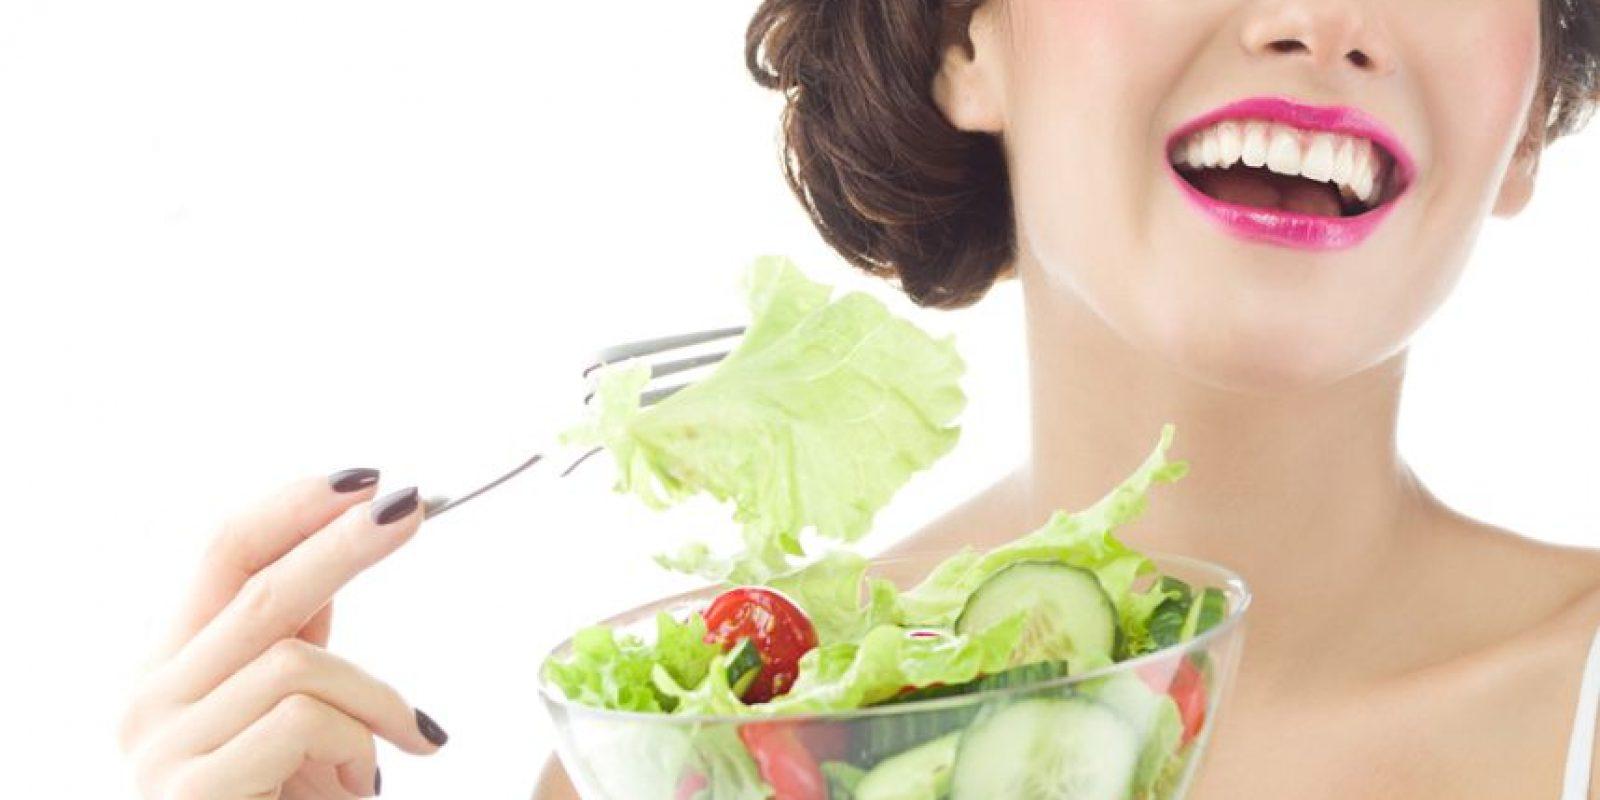 Expertos de la Seconda Universitá de Italia demostraron que las mujeres con altos niveles de grasa en la sangre experimentan un importante descenso de la excitación, el orgasmo y el deseo.